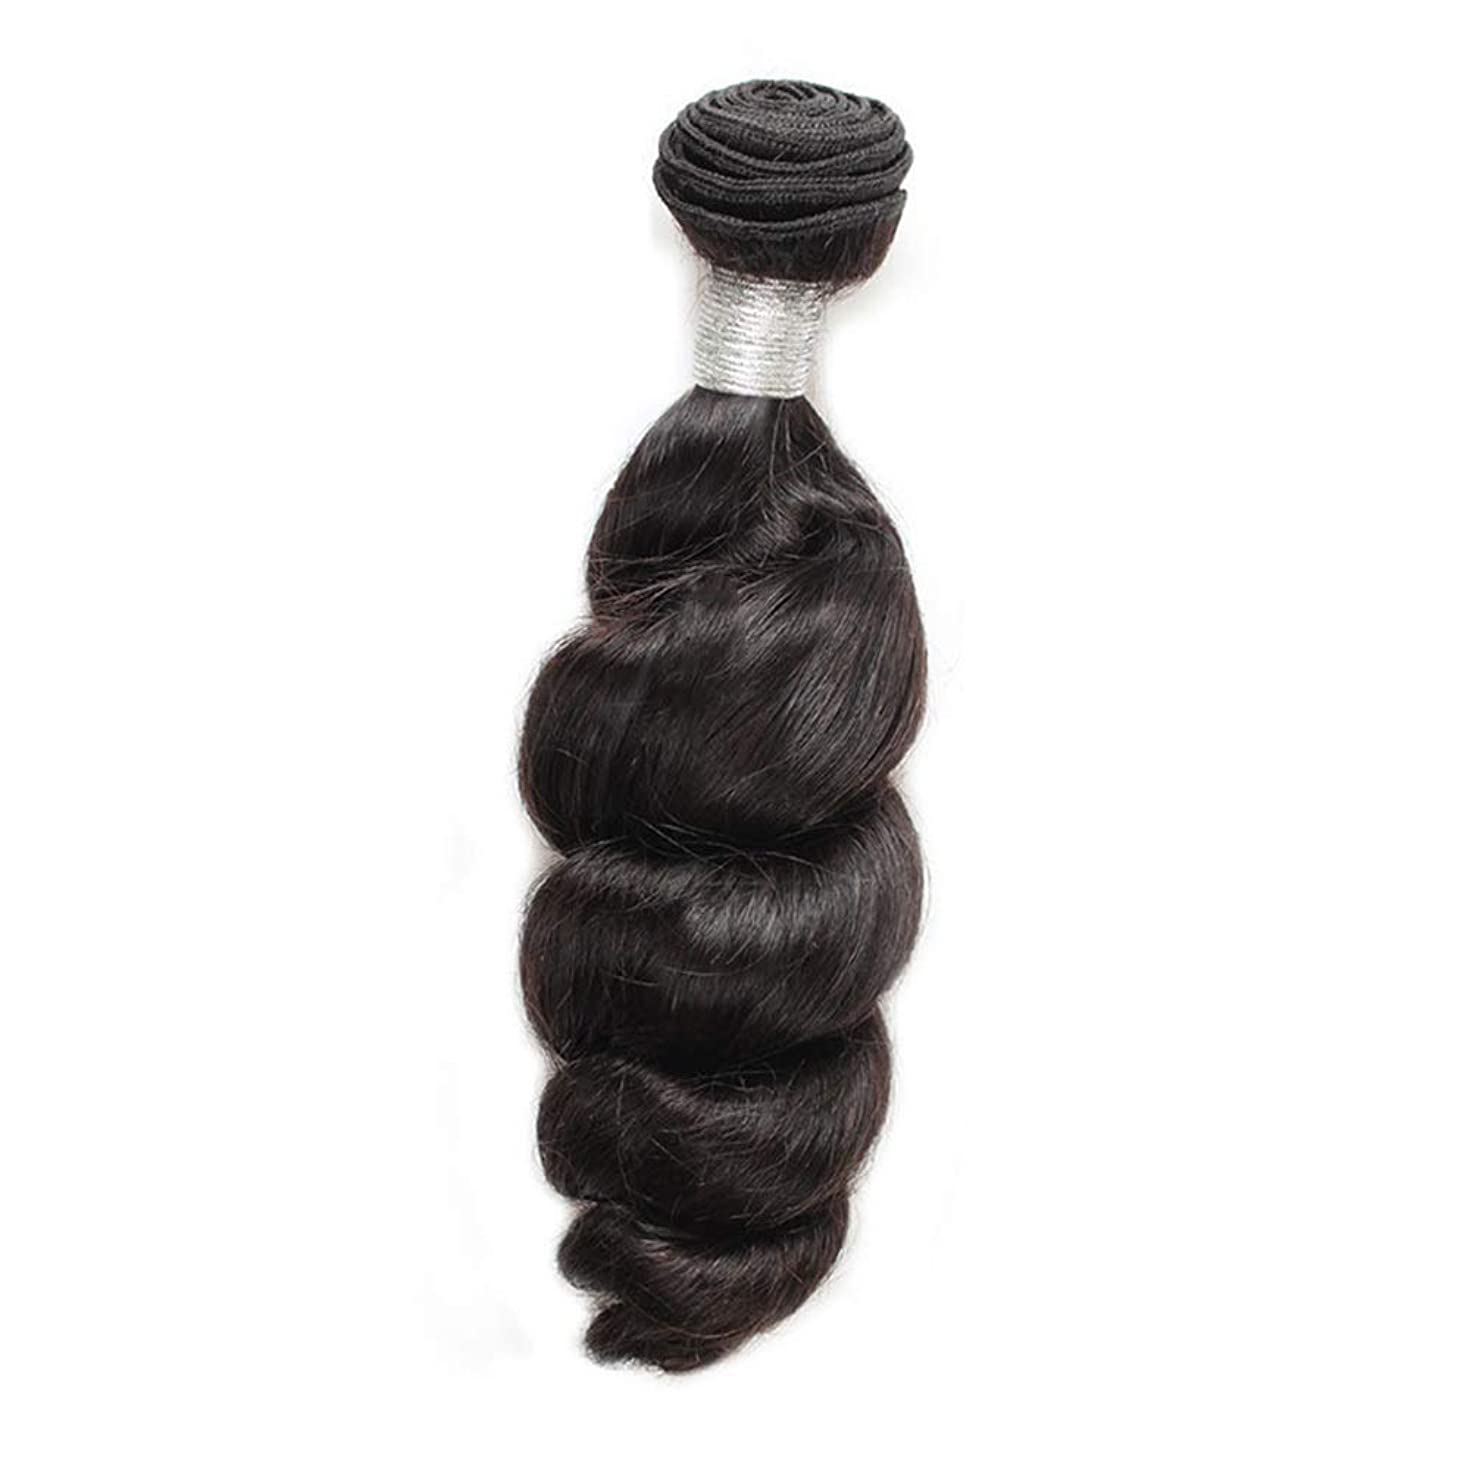 ピッチ借りている詳細なBOBIDYEE 女性の人間の髪の毛ブラジルのバージンルースウェーブの束横糸ナチュラルブラック100g /個1枚入り(12インチ-26インチ)合成髪レースかつらロールプレイングかつらストレートシリンダーショートスタイル女性自然 (色 : 黒, サイズ : 26 inch)